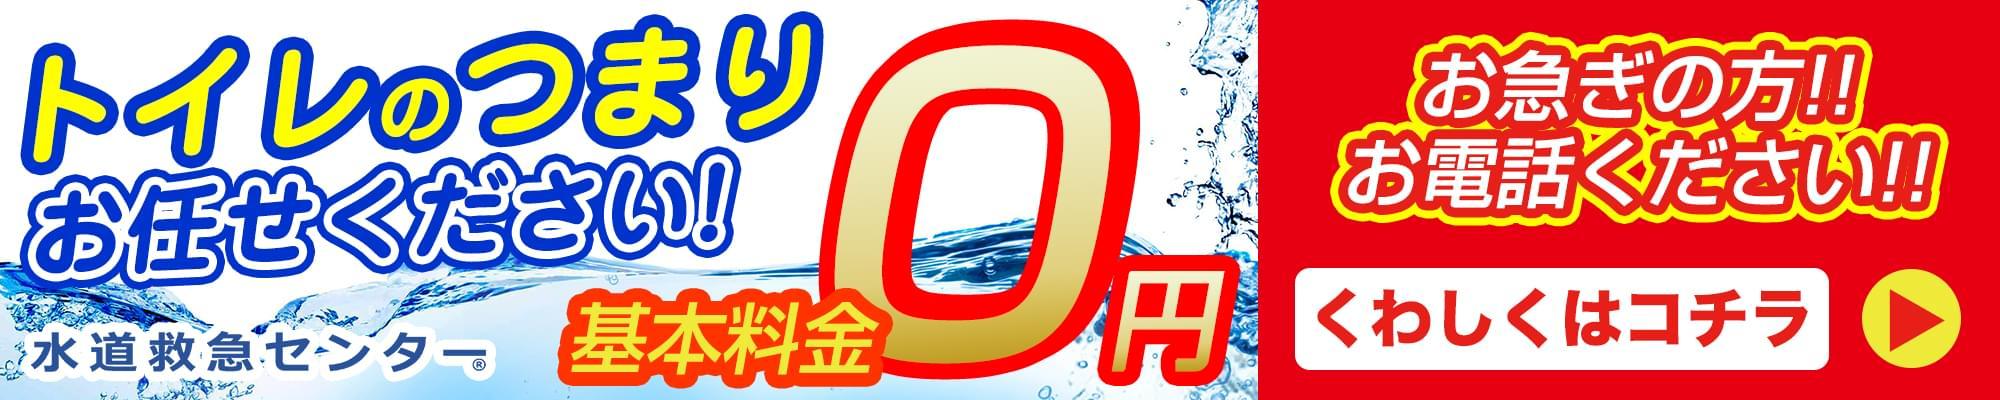 水もれ、つまり、初めての方限定!!キャンペーン基本料金0円 電話もインターネットも24時間365日年中無休!0120-245-990